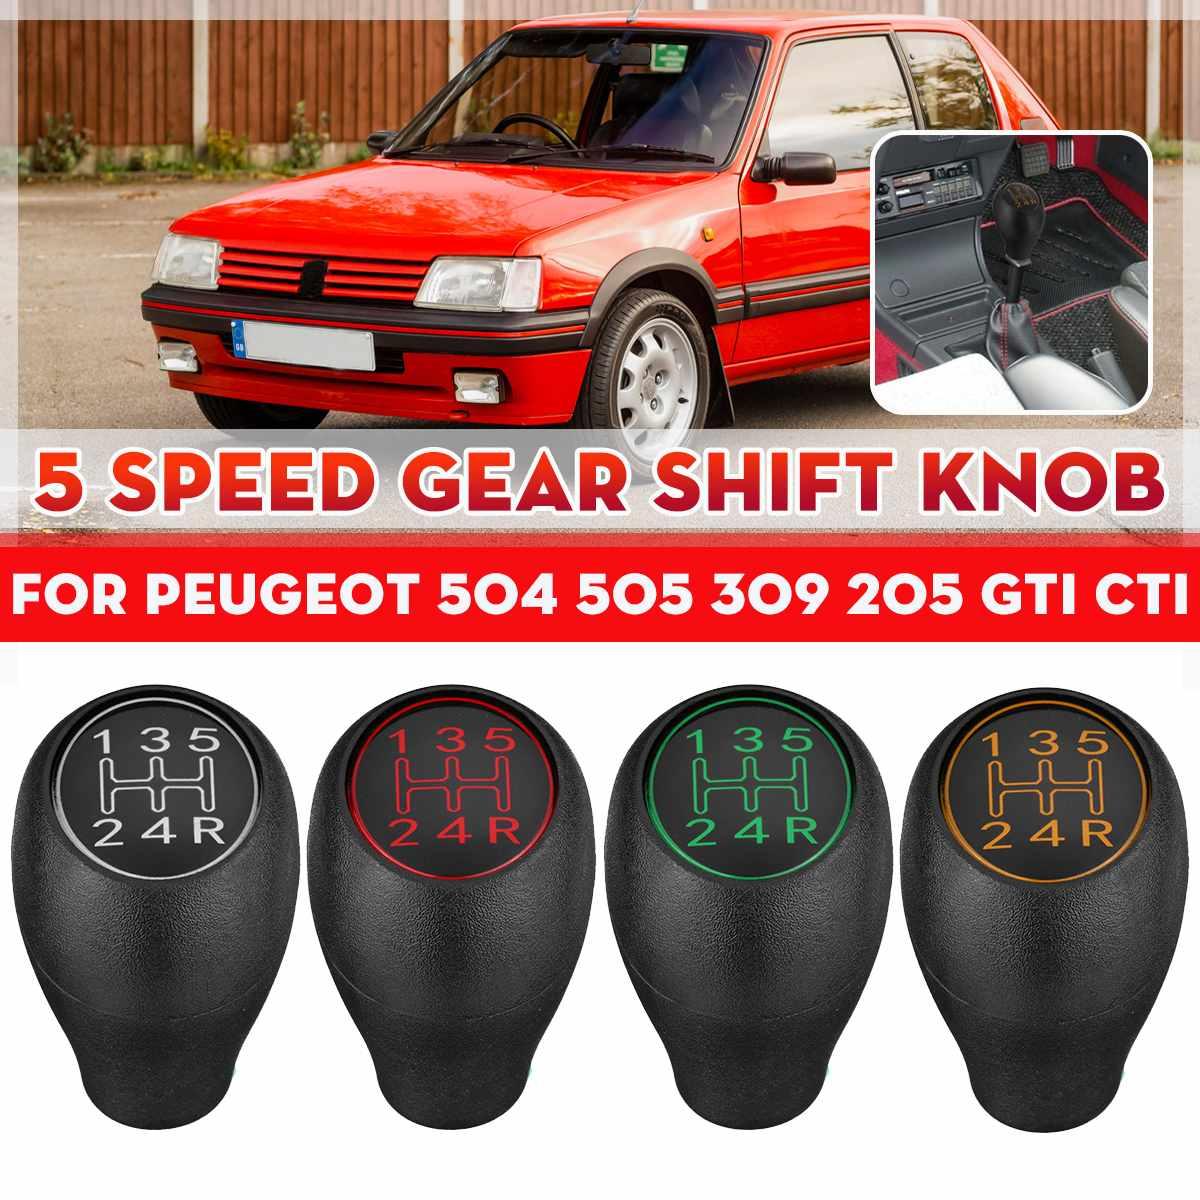 Для Peugeot 504 505 309 205 GTI CTI ручной Шестерни рукоятка рычага переключения передач 5 Скорость рычаг переключения передач Ручка палка Пластик автом...